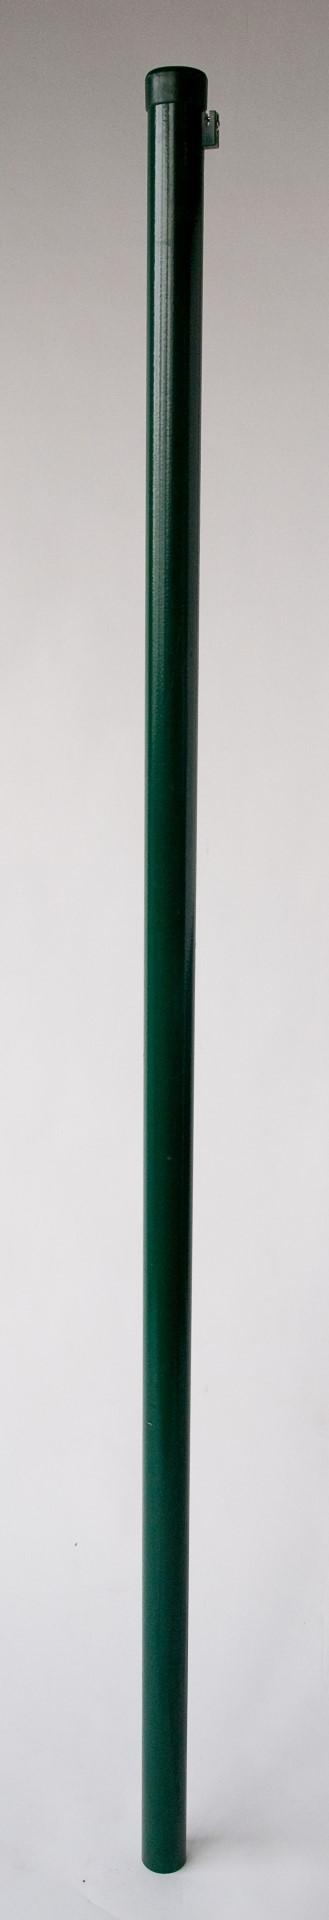 IJzeren paal Kant & klaar haag groen gecoat 260 cm